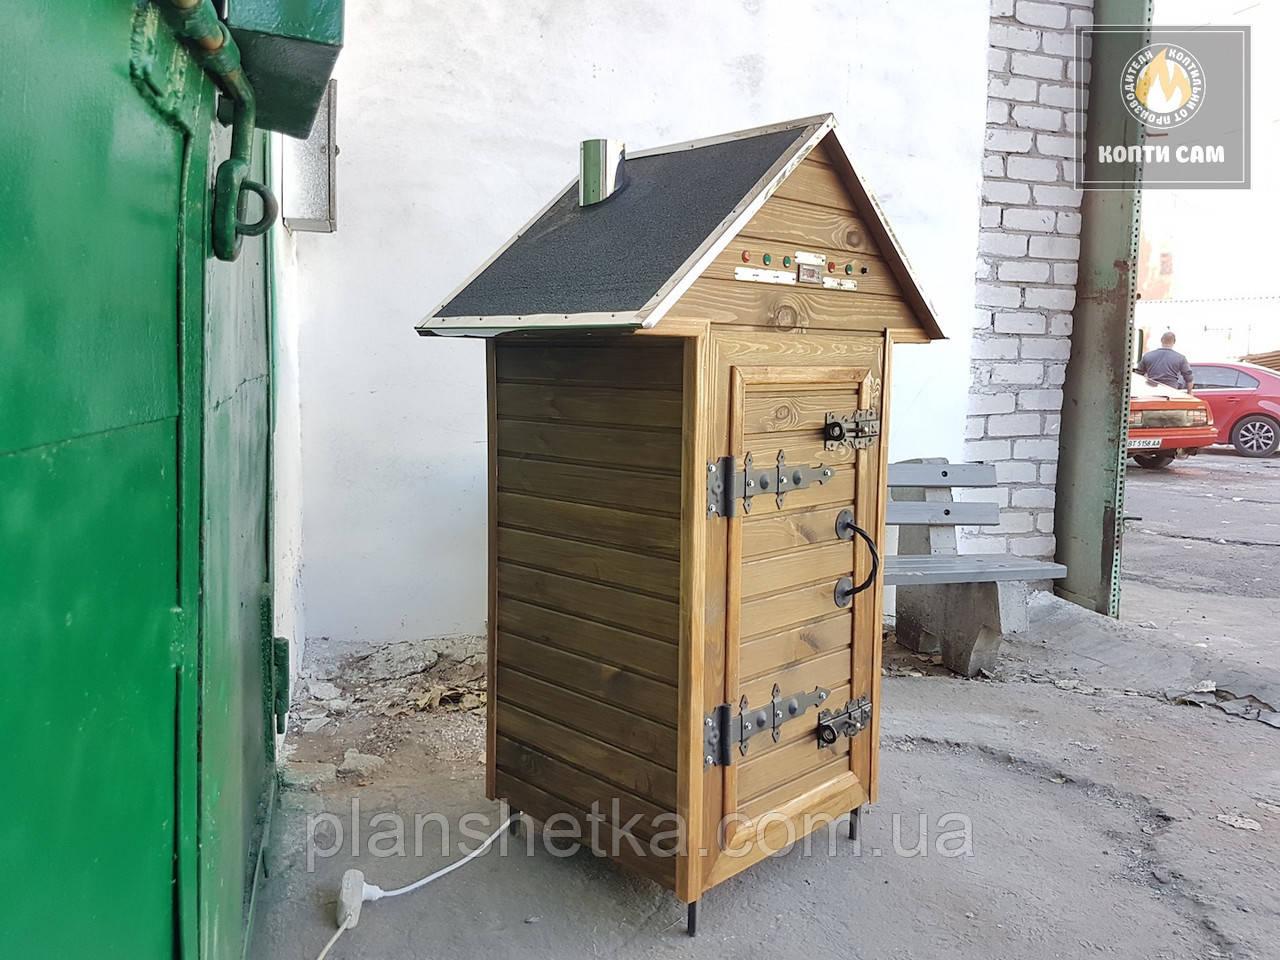 Коптильня 250л холодного та гарячого копчення + просушування (Вільха всередині, дах будиночком)